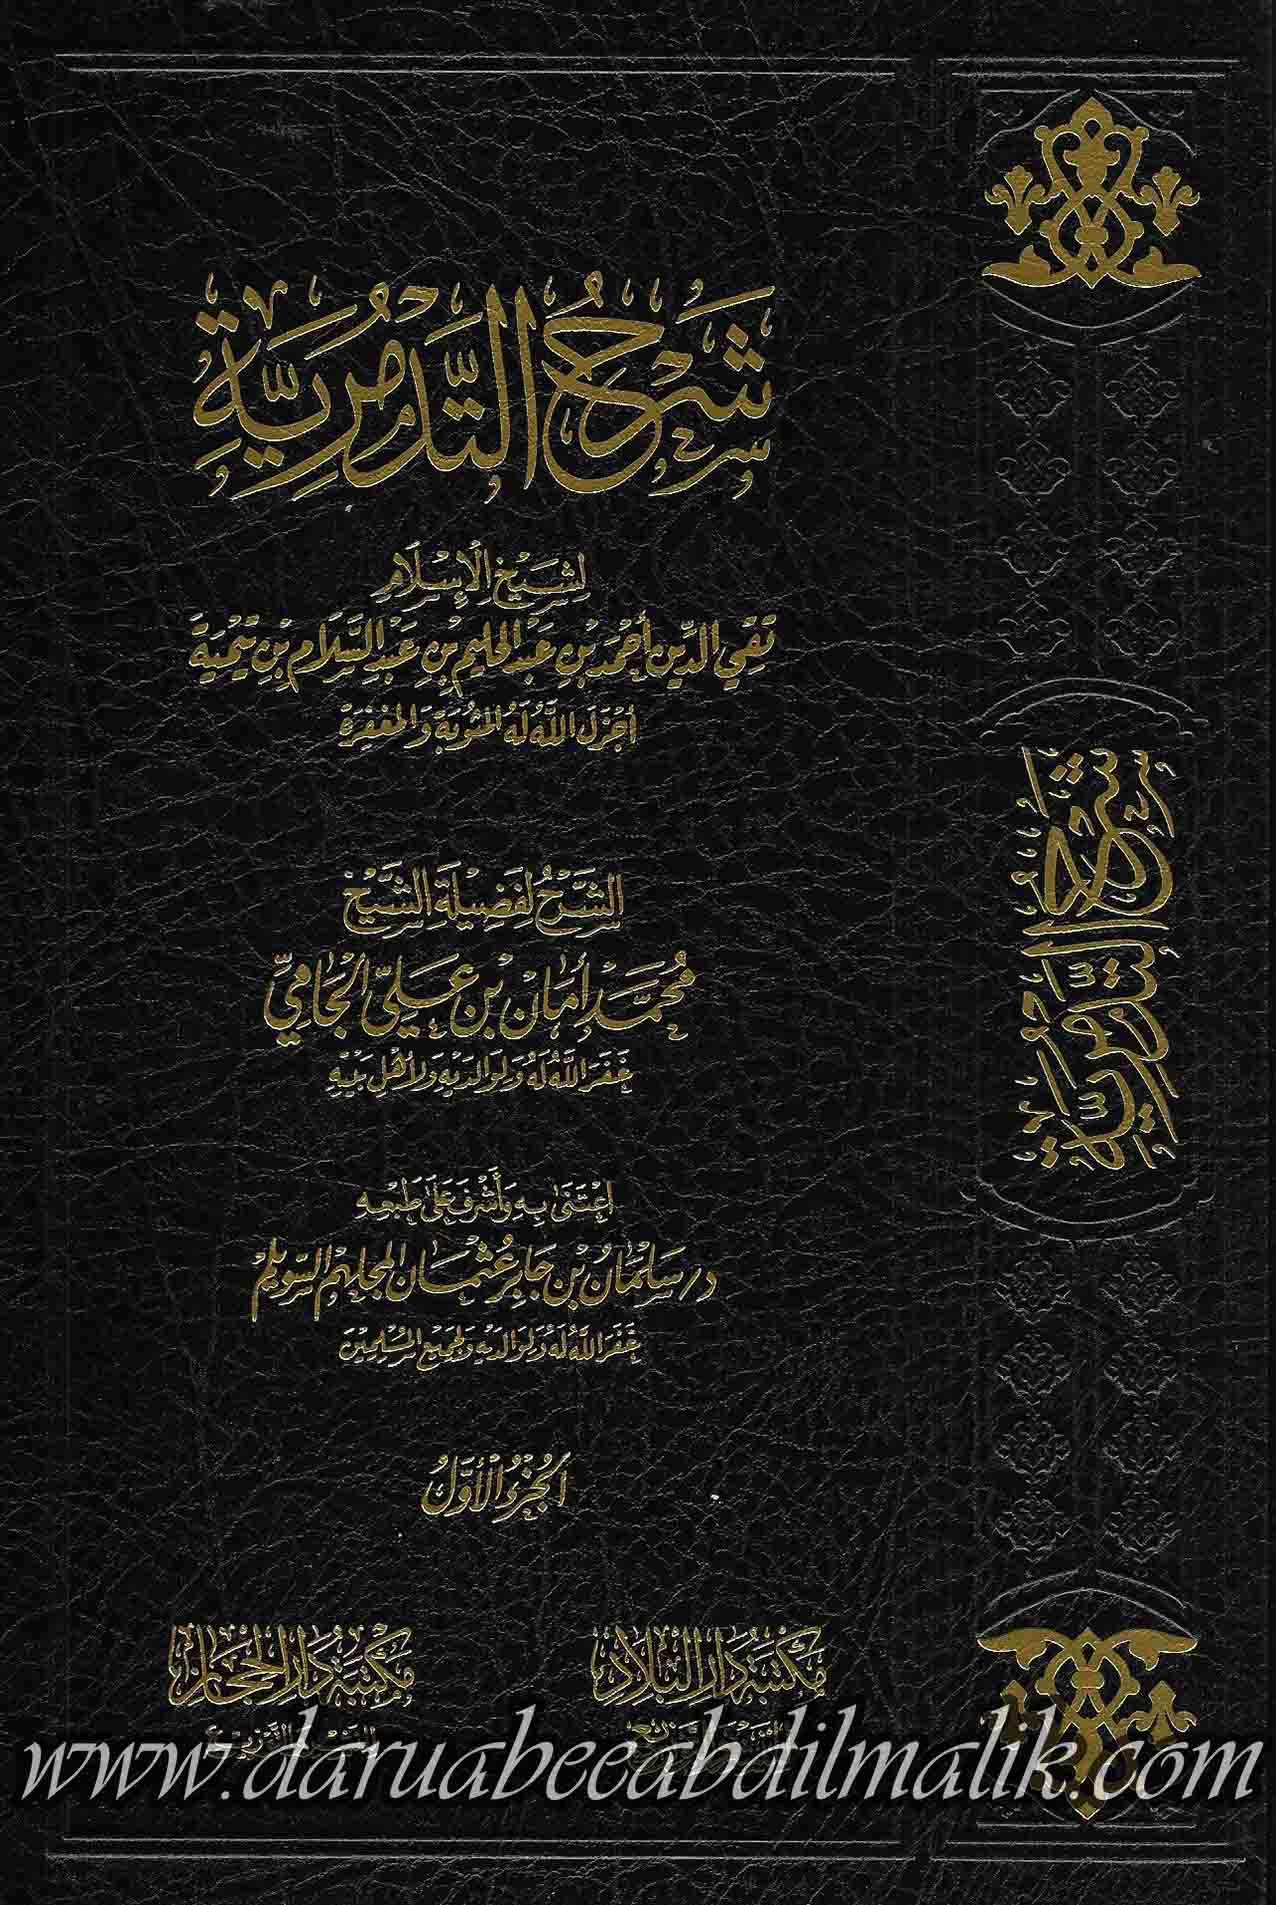 شرح التدمرية للشيخ محمد أمان الجامي